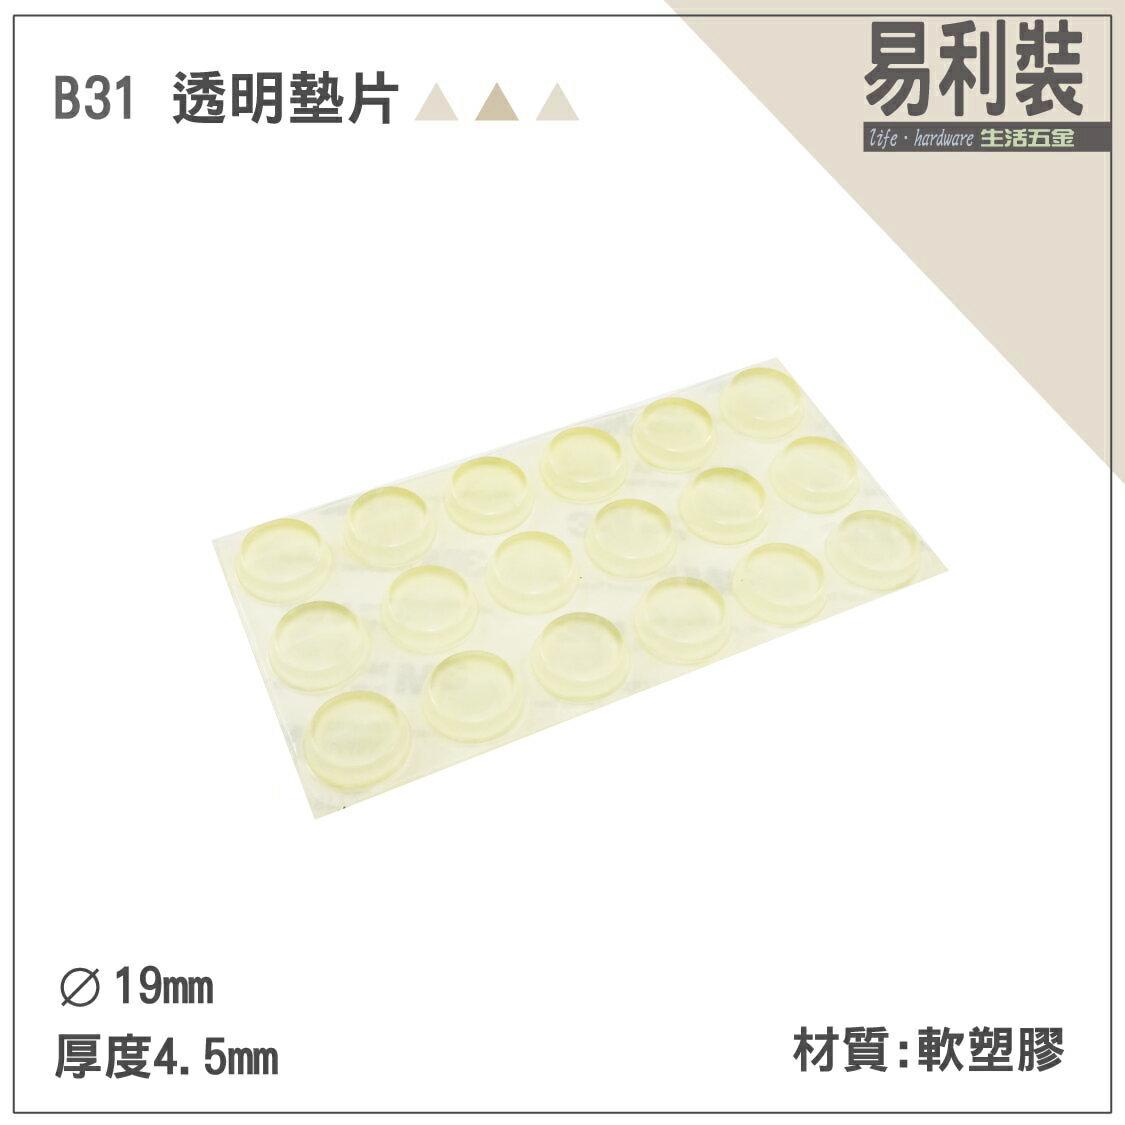 【 EASYCAN  】B31 透明墊片 1包有3片共54顆 易利裝生活五金 浴室 廚房 房間 臥房 衣櫃 小資族 辦公家具 系統家具 - 限時優惠好康折扣